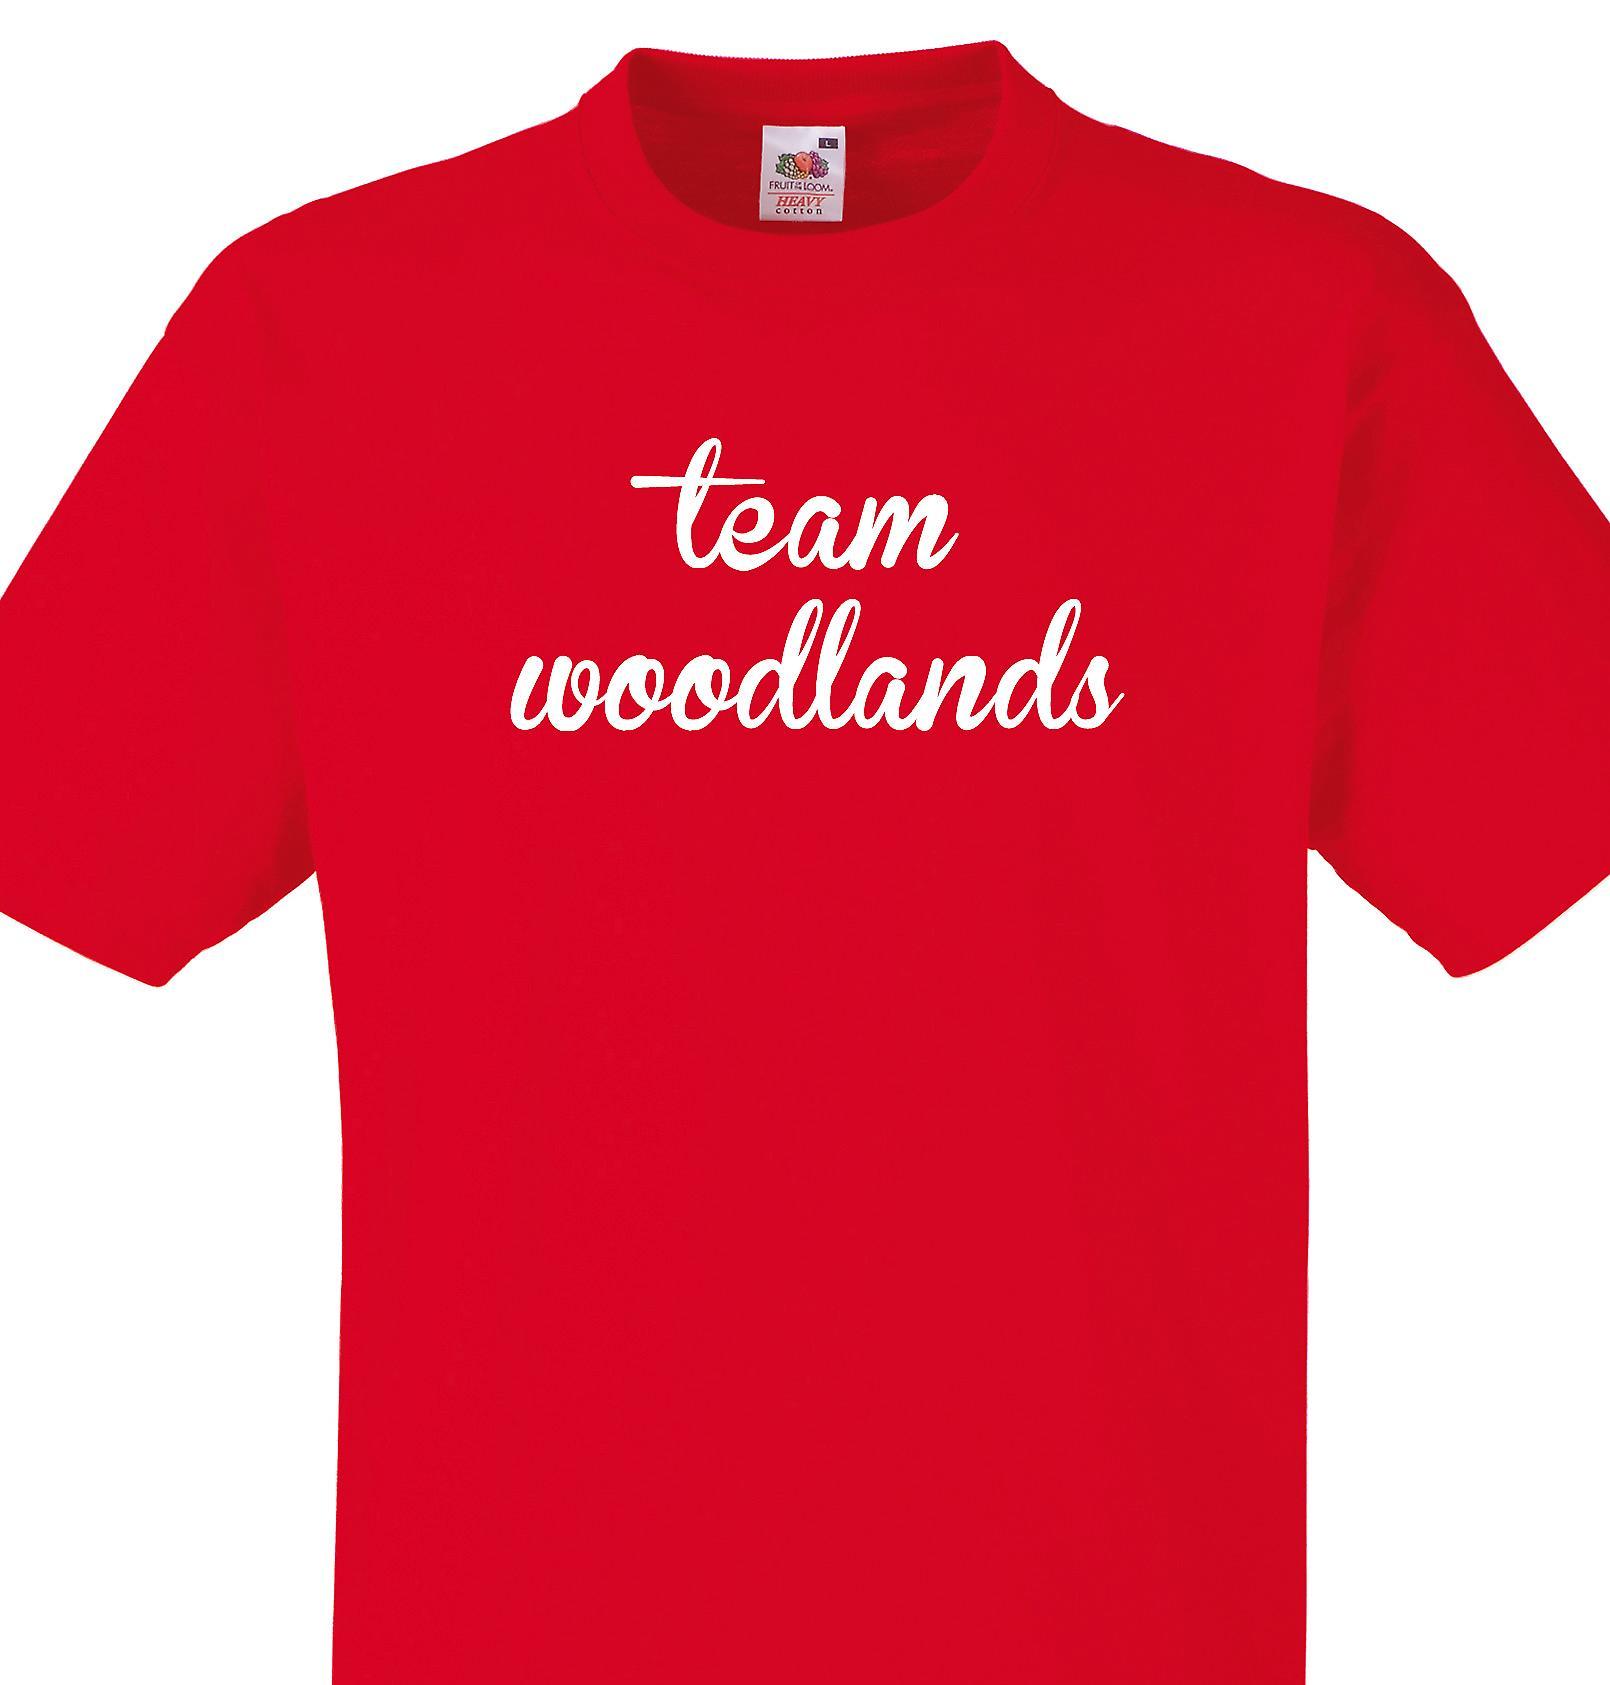 Team Woodlands Red T shirt